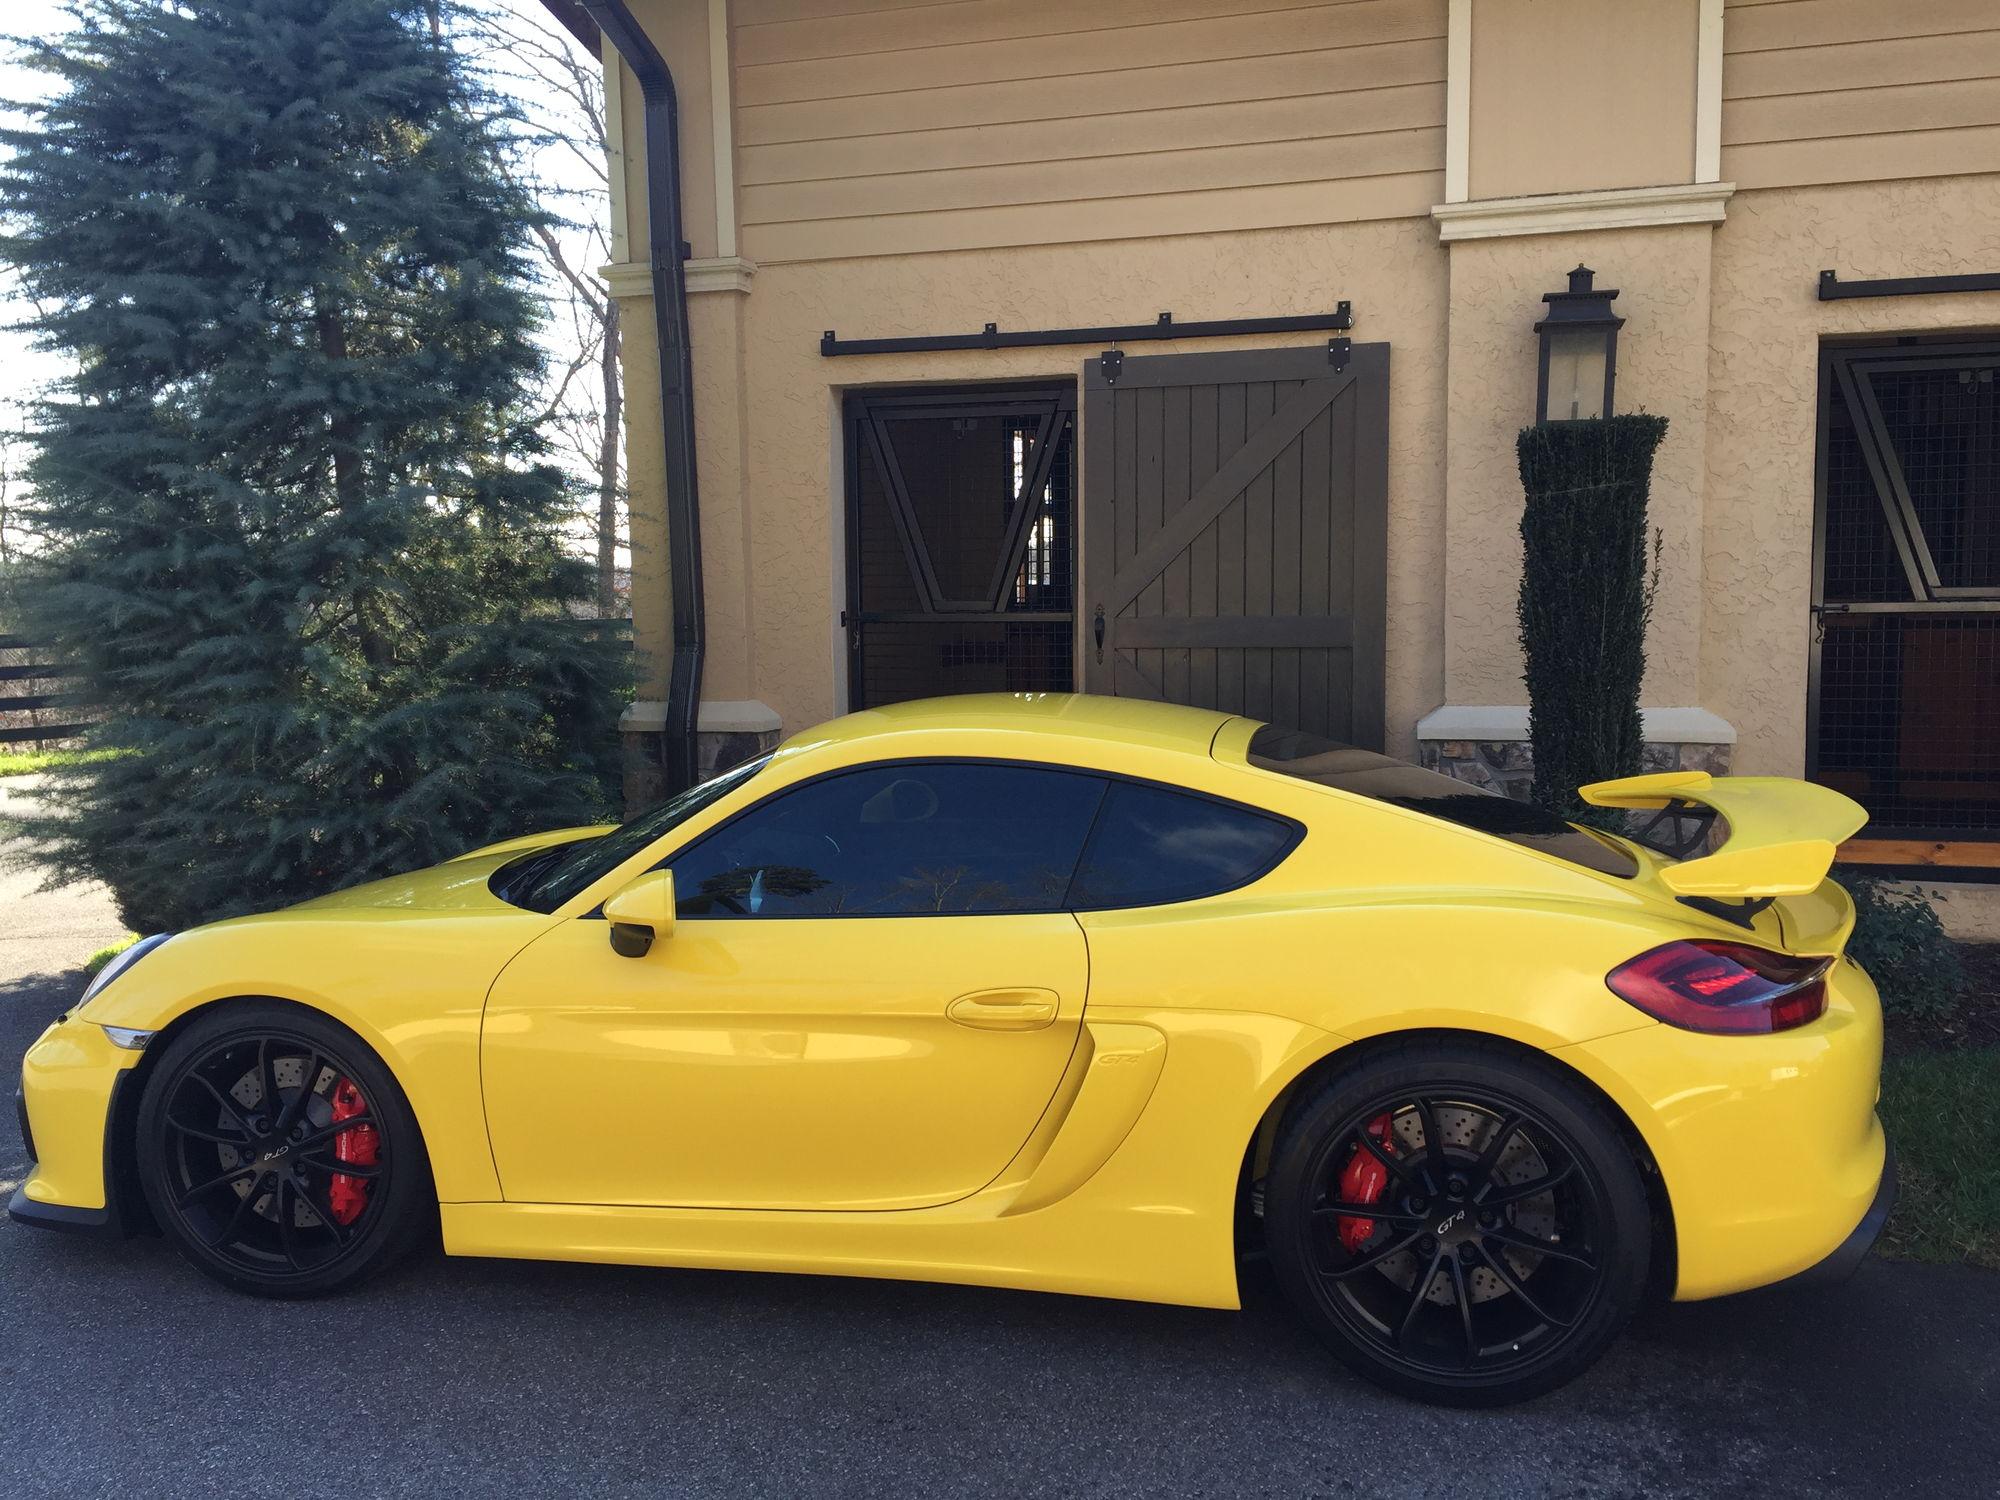 Legal Tint In Ca >> Window Tint?? - Rennlist - Porsche Discussion Forums